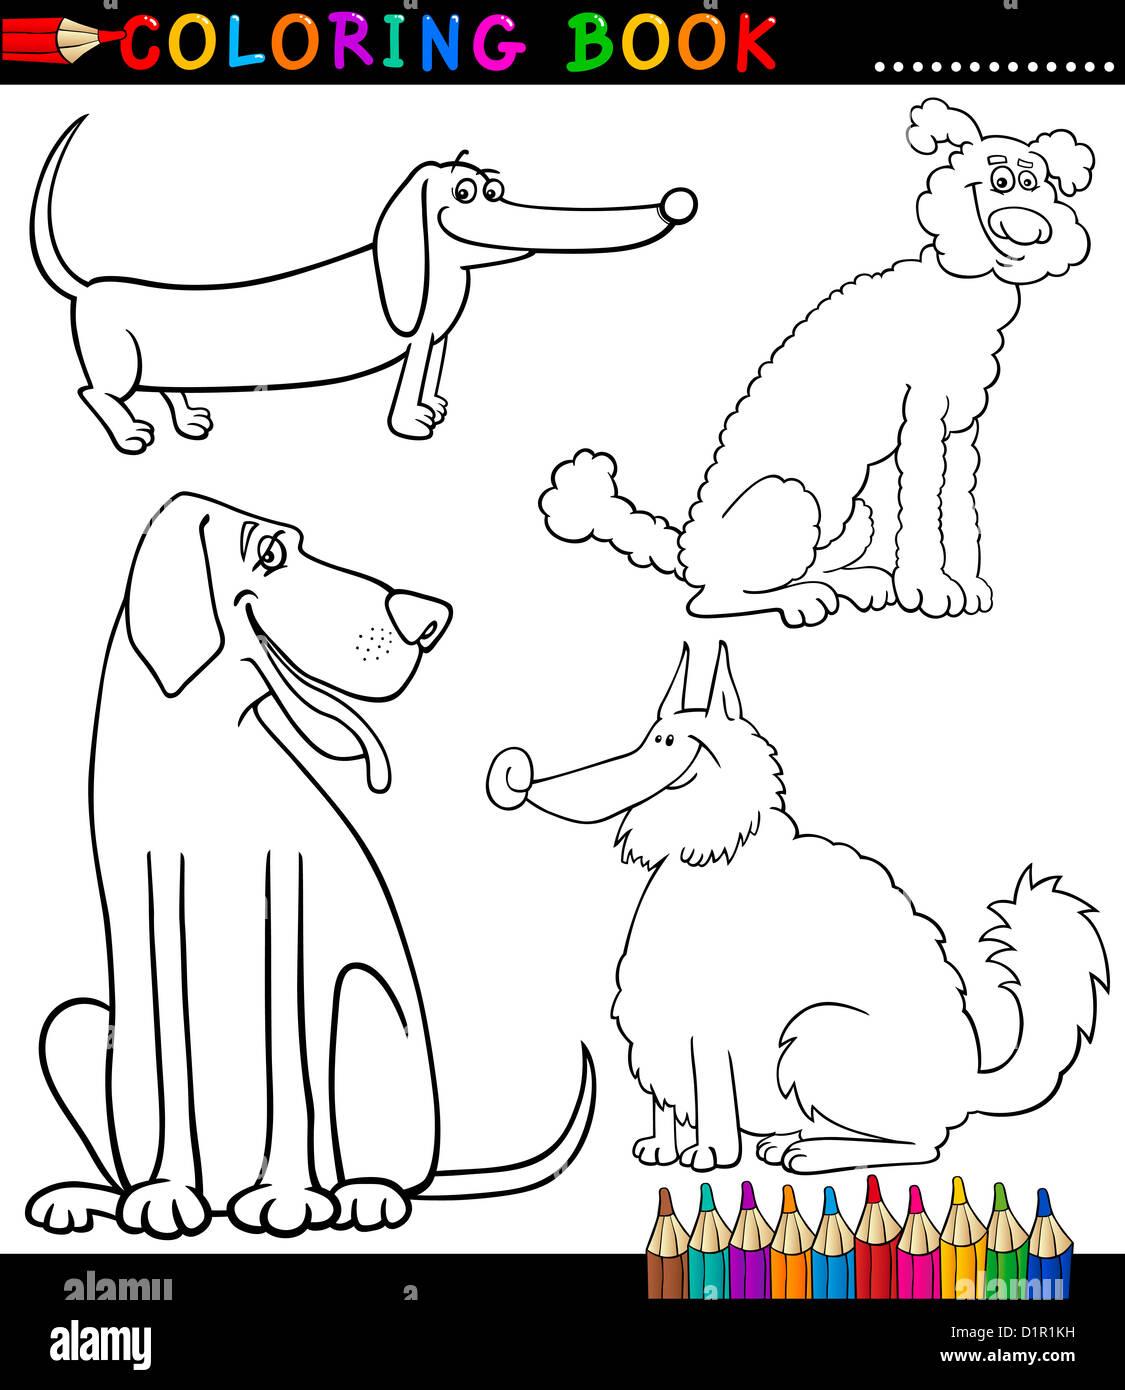 Running Great Dane Puppy Imágenes De Stock & Running Great Dane ...